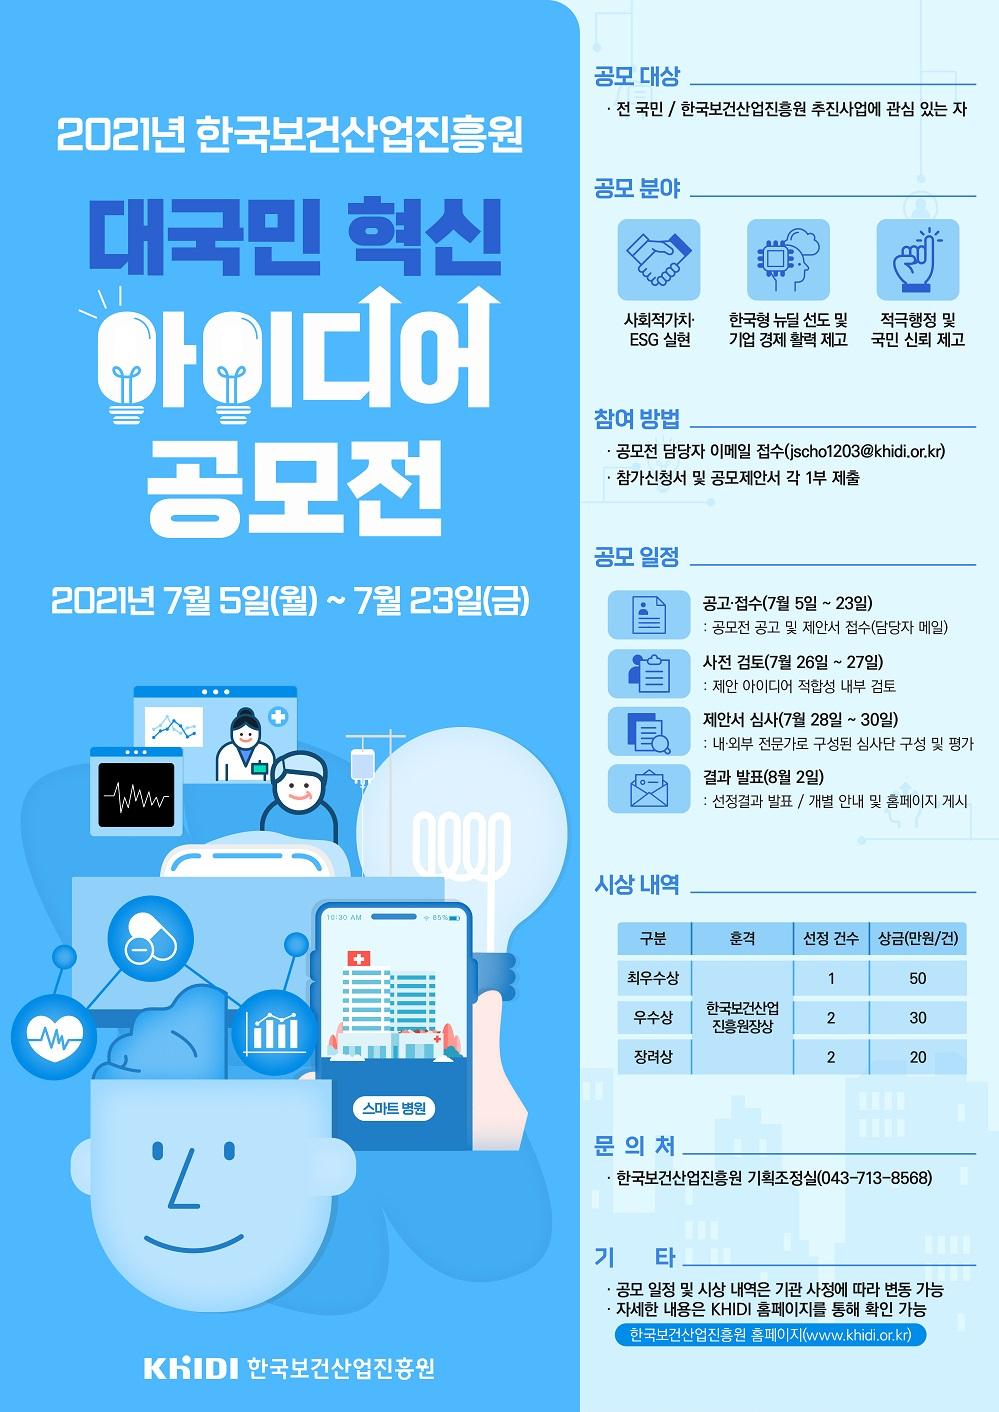 2021년 한국보건산업진흥원 대국민 혁신 아이디어 공모전 2021년 7월 5일(목)~7월23일(금) 자세한 내용은 첨부된 파일을 다운받아 확인해 주세요.